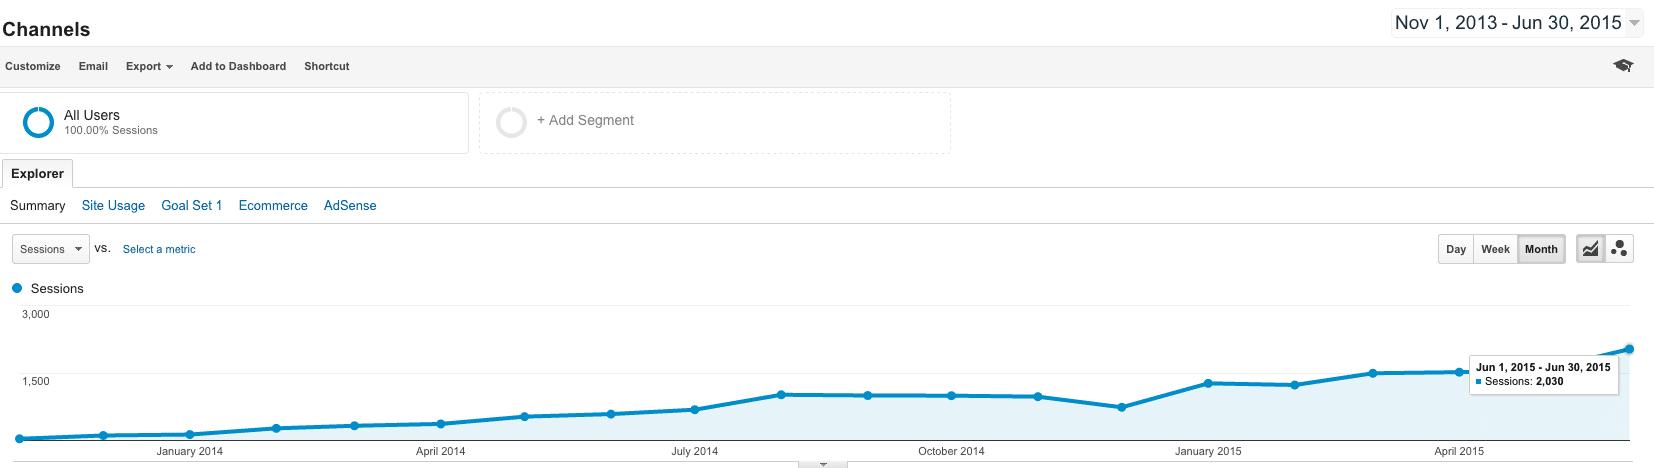 Content Marketing Analytics Nov 2013-Jun 2015 Better